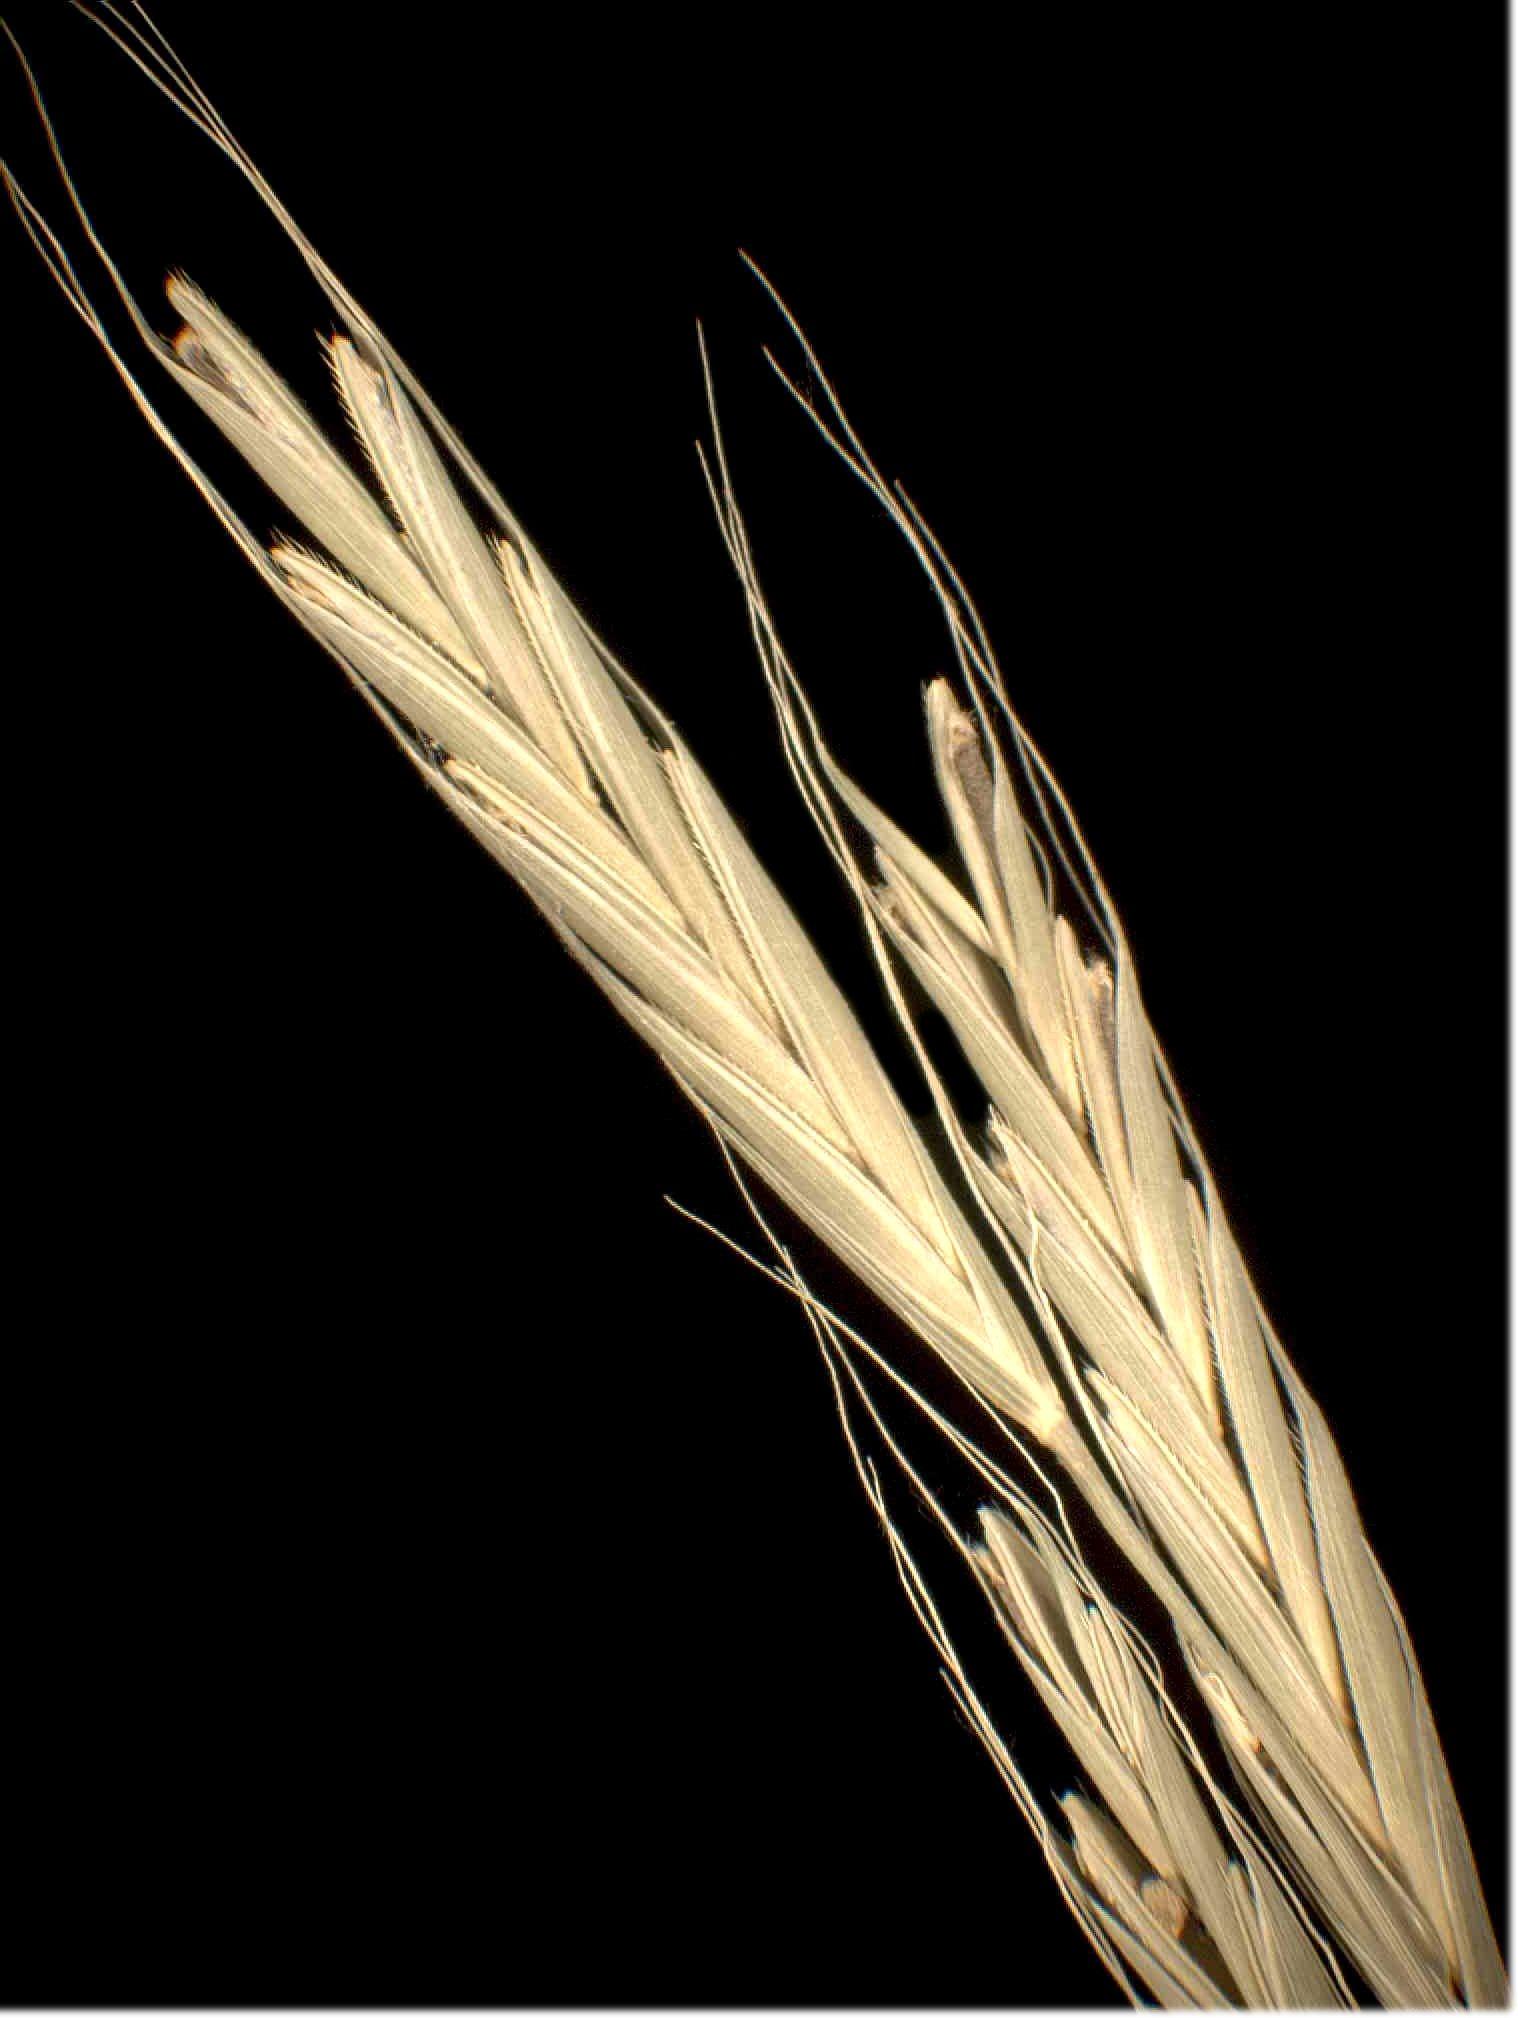 © Dipartimento di Scienze della Vita, Università degli Studi di Trieste<br>by Andrea Moro<br>Comune di Trieste, località Cologna, in querceto-castagneto., TS, FVG, Italia, 3/12/04 0.00.00<br>Distributed under CC-BY-SA 4.0 license.